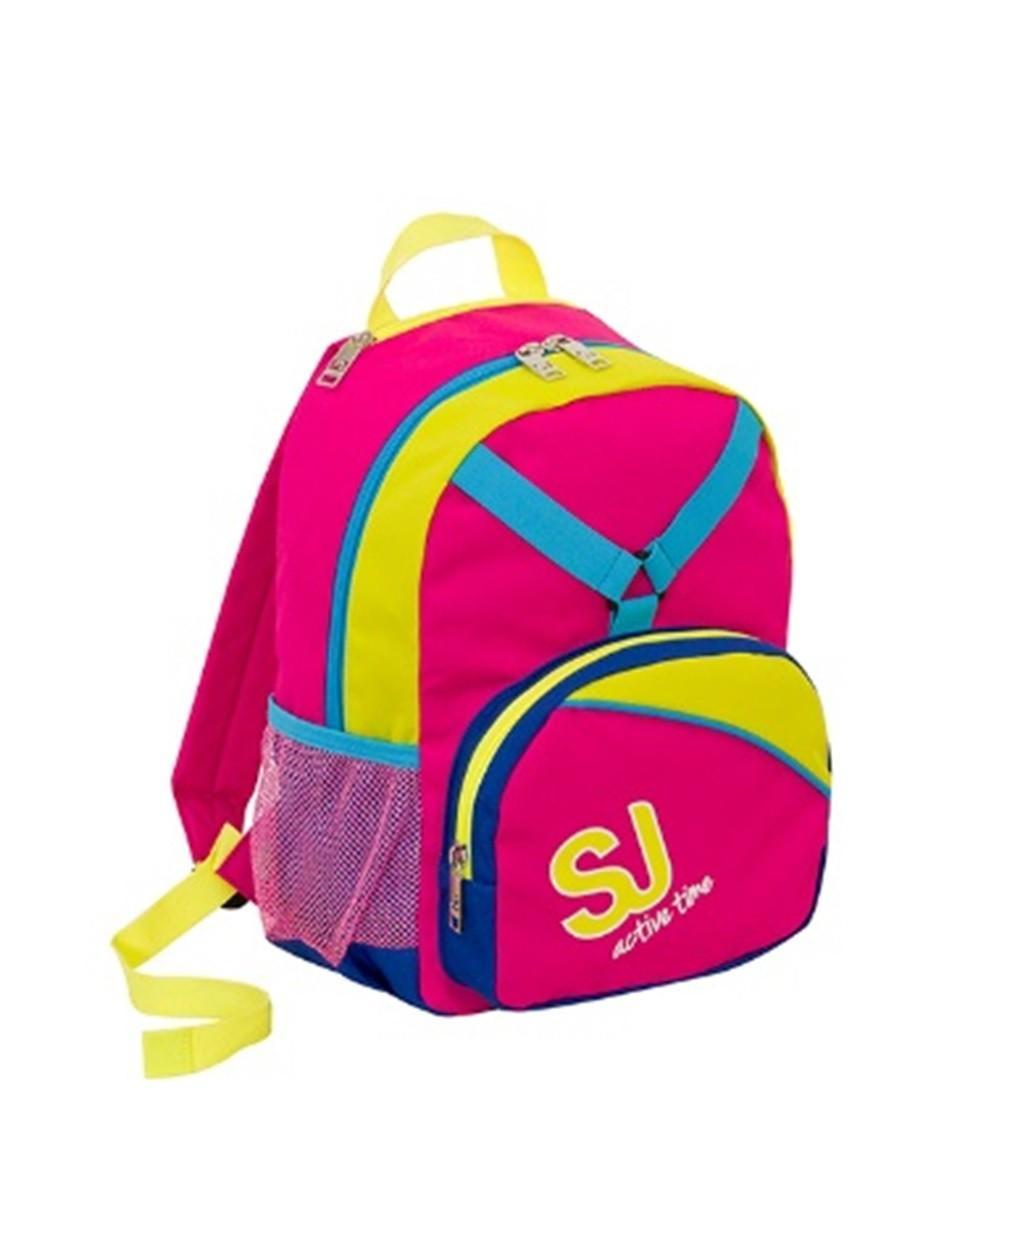 Рюкзак FREERIDE BACKPACK SJ GANG SJ - Фуксия рюкзак с капюшоном